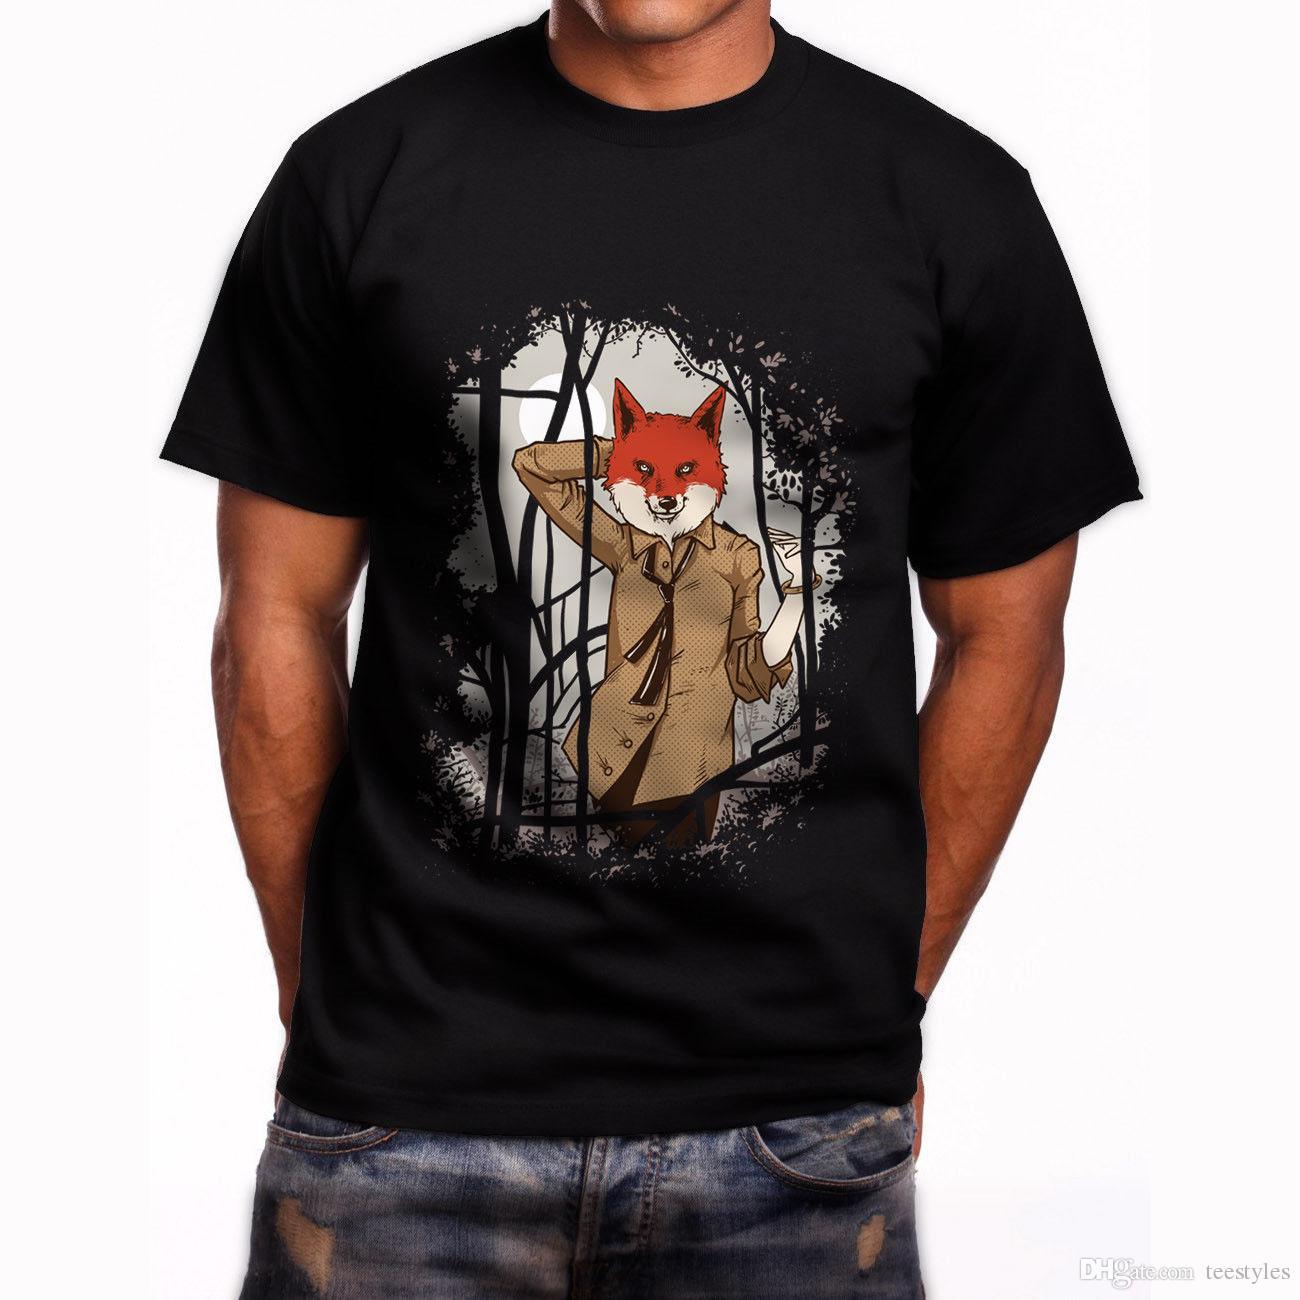 6088269724374 Compre Divertido Hermoso Estilo Fox De Manga Corta Para Hombre Camiseta  Negra Tamaño S 5Xl Camiseta Hombre Casual De Manga Corta Día De Acción De  Gracias ...